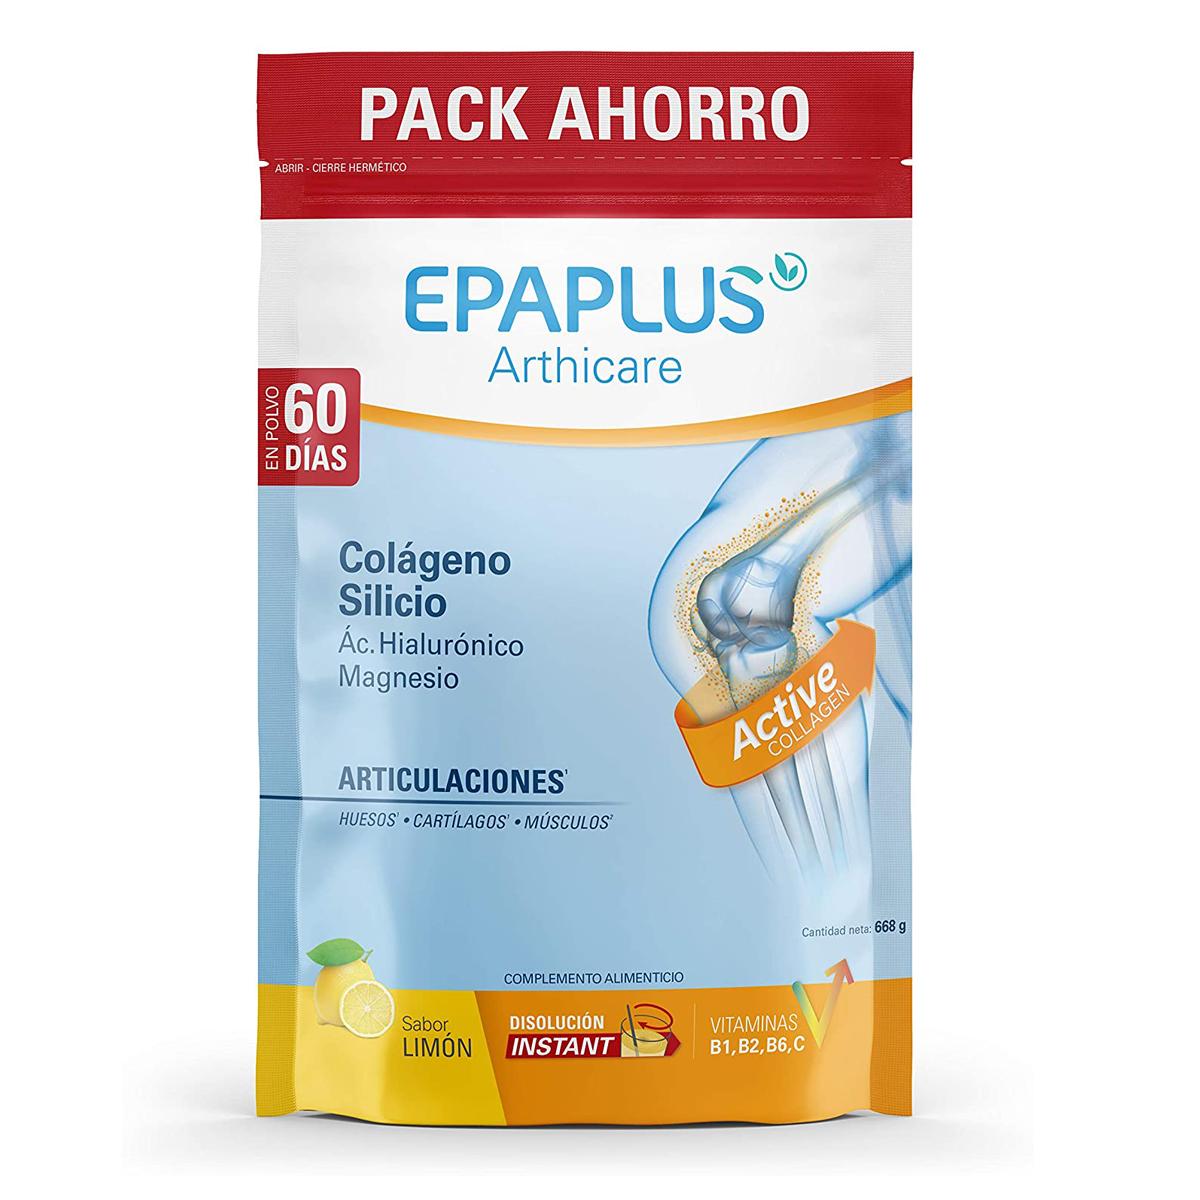 Epaplus Articulaciones Colágeno + Silicio + Ácido Hialurónico (668gr, sabor limón)